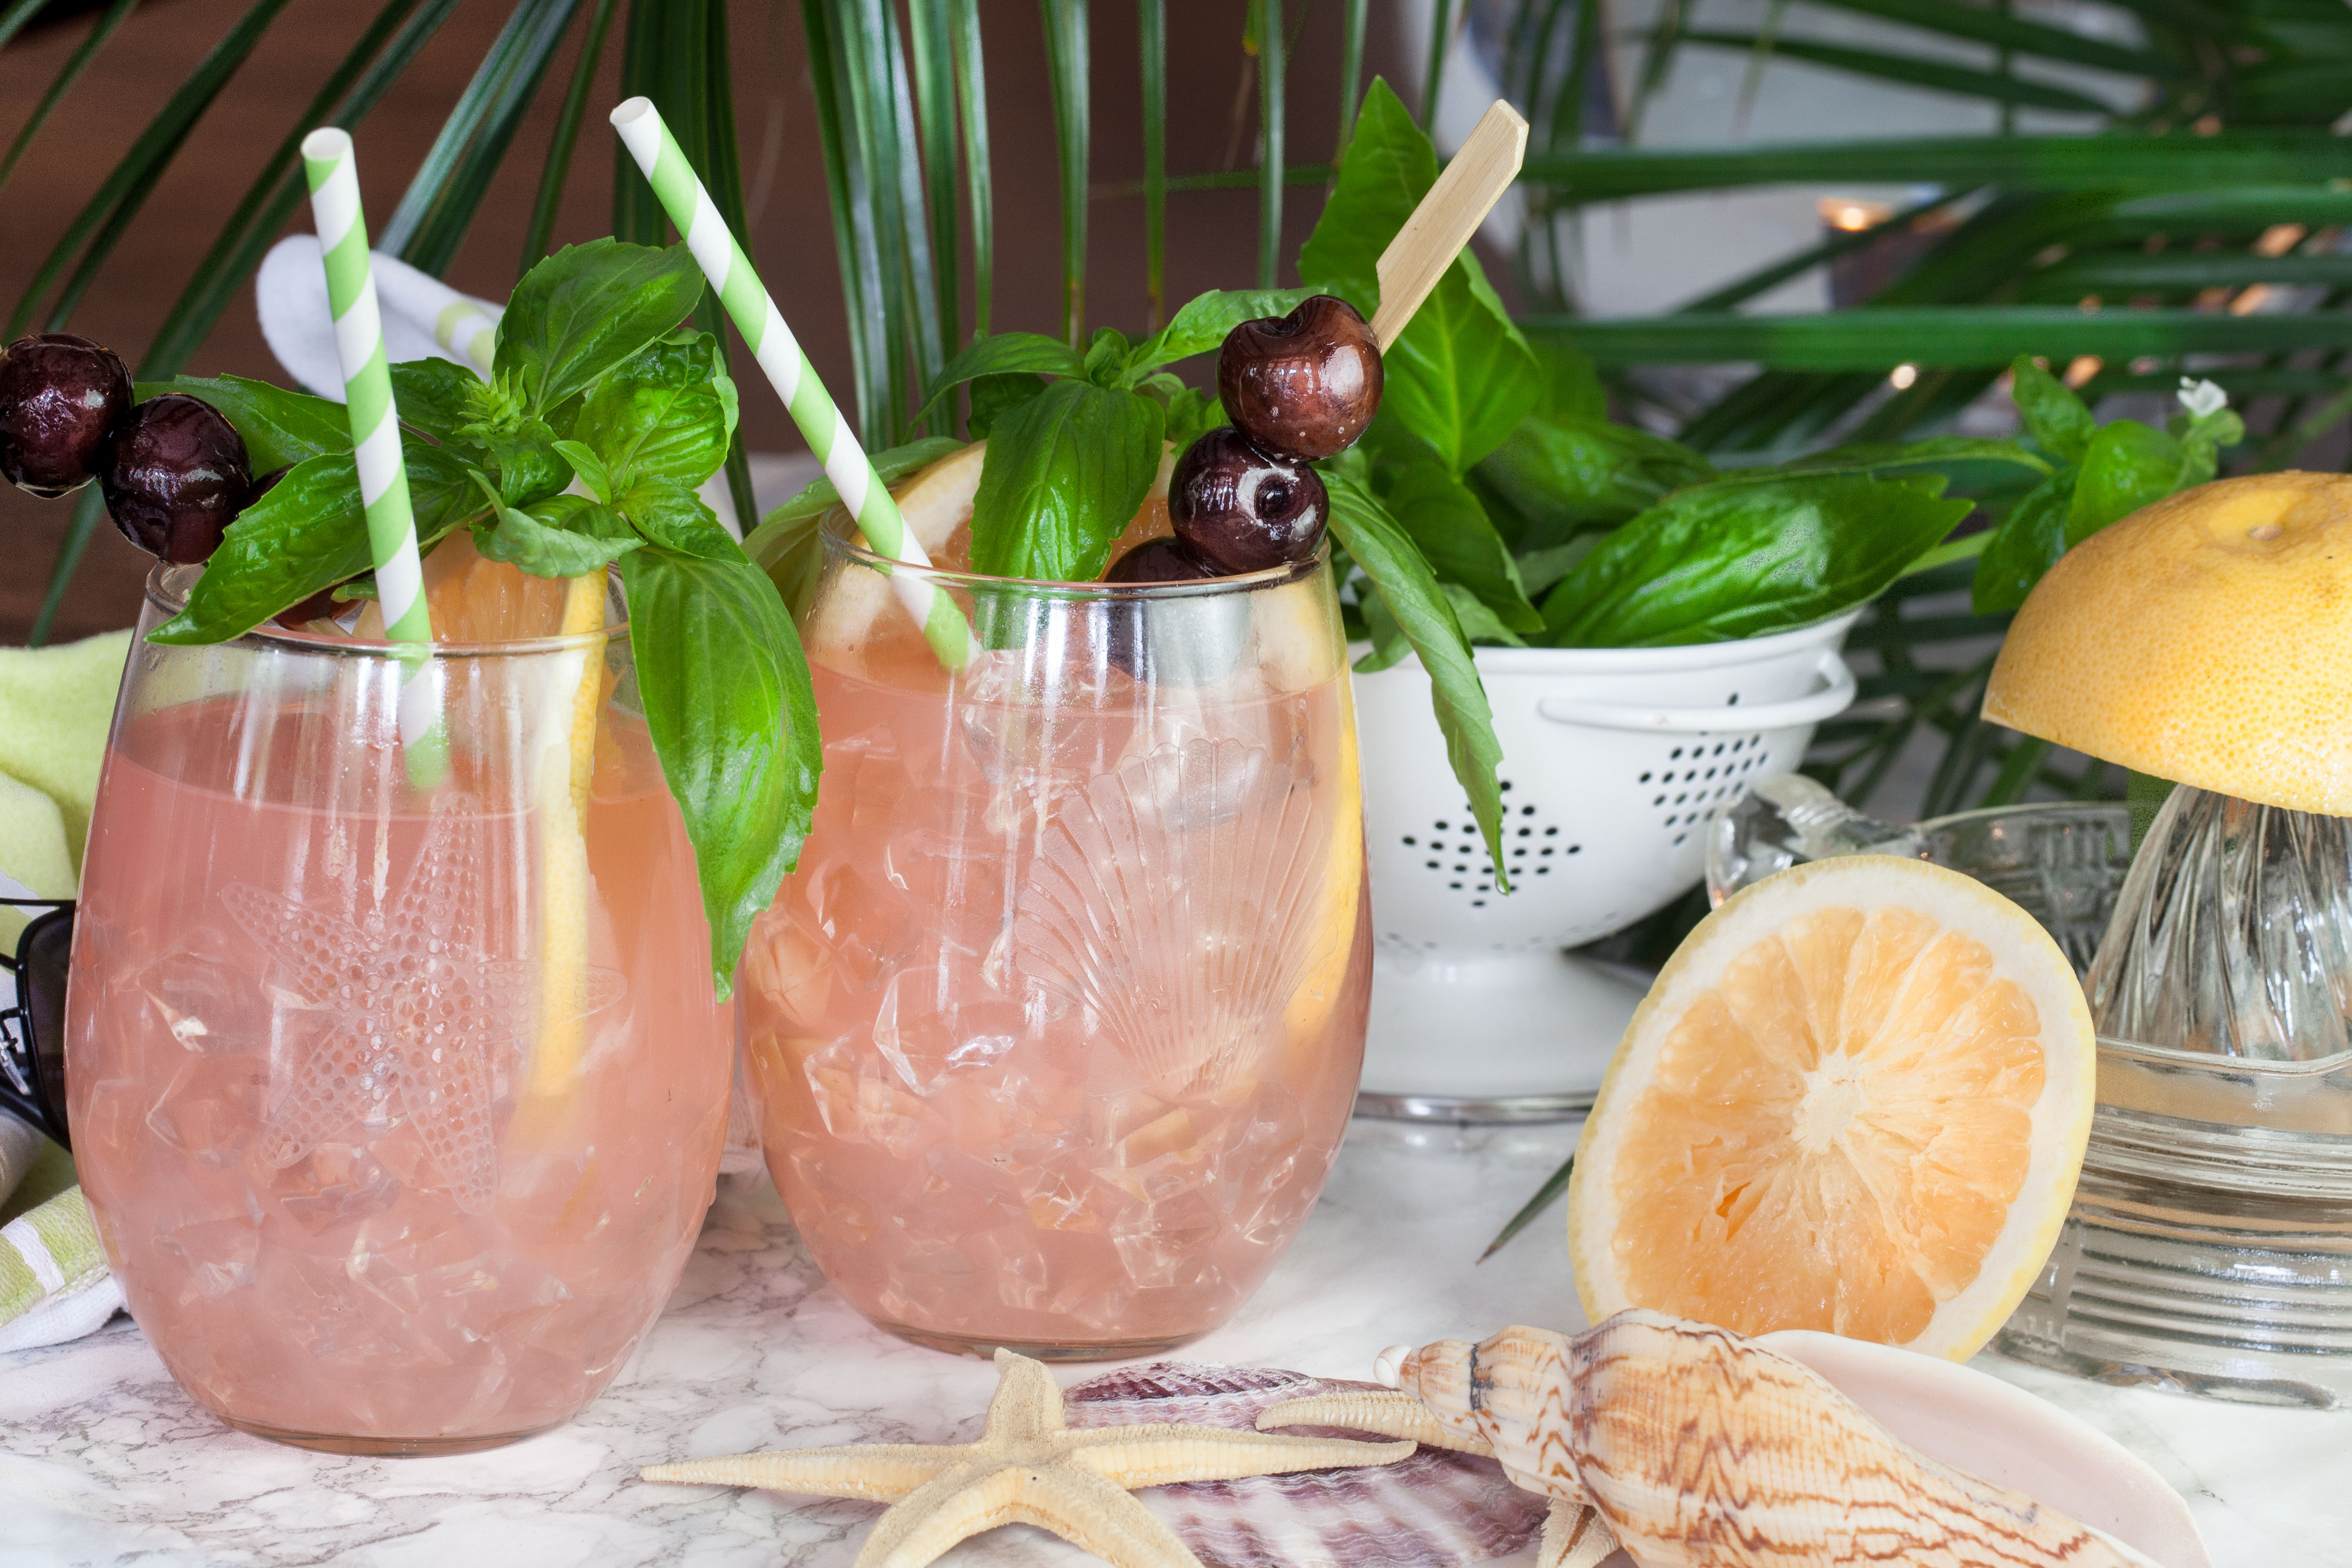 Grapefruit Basil Cooler - Acadiana Table